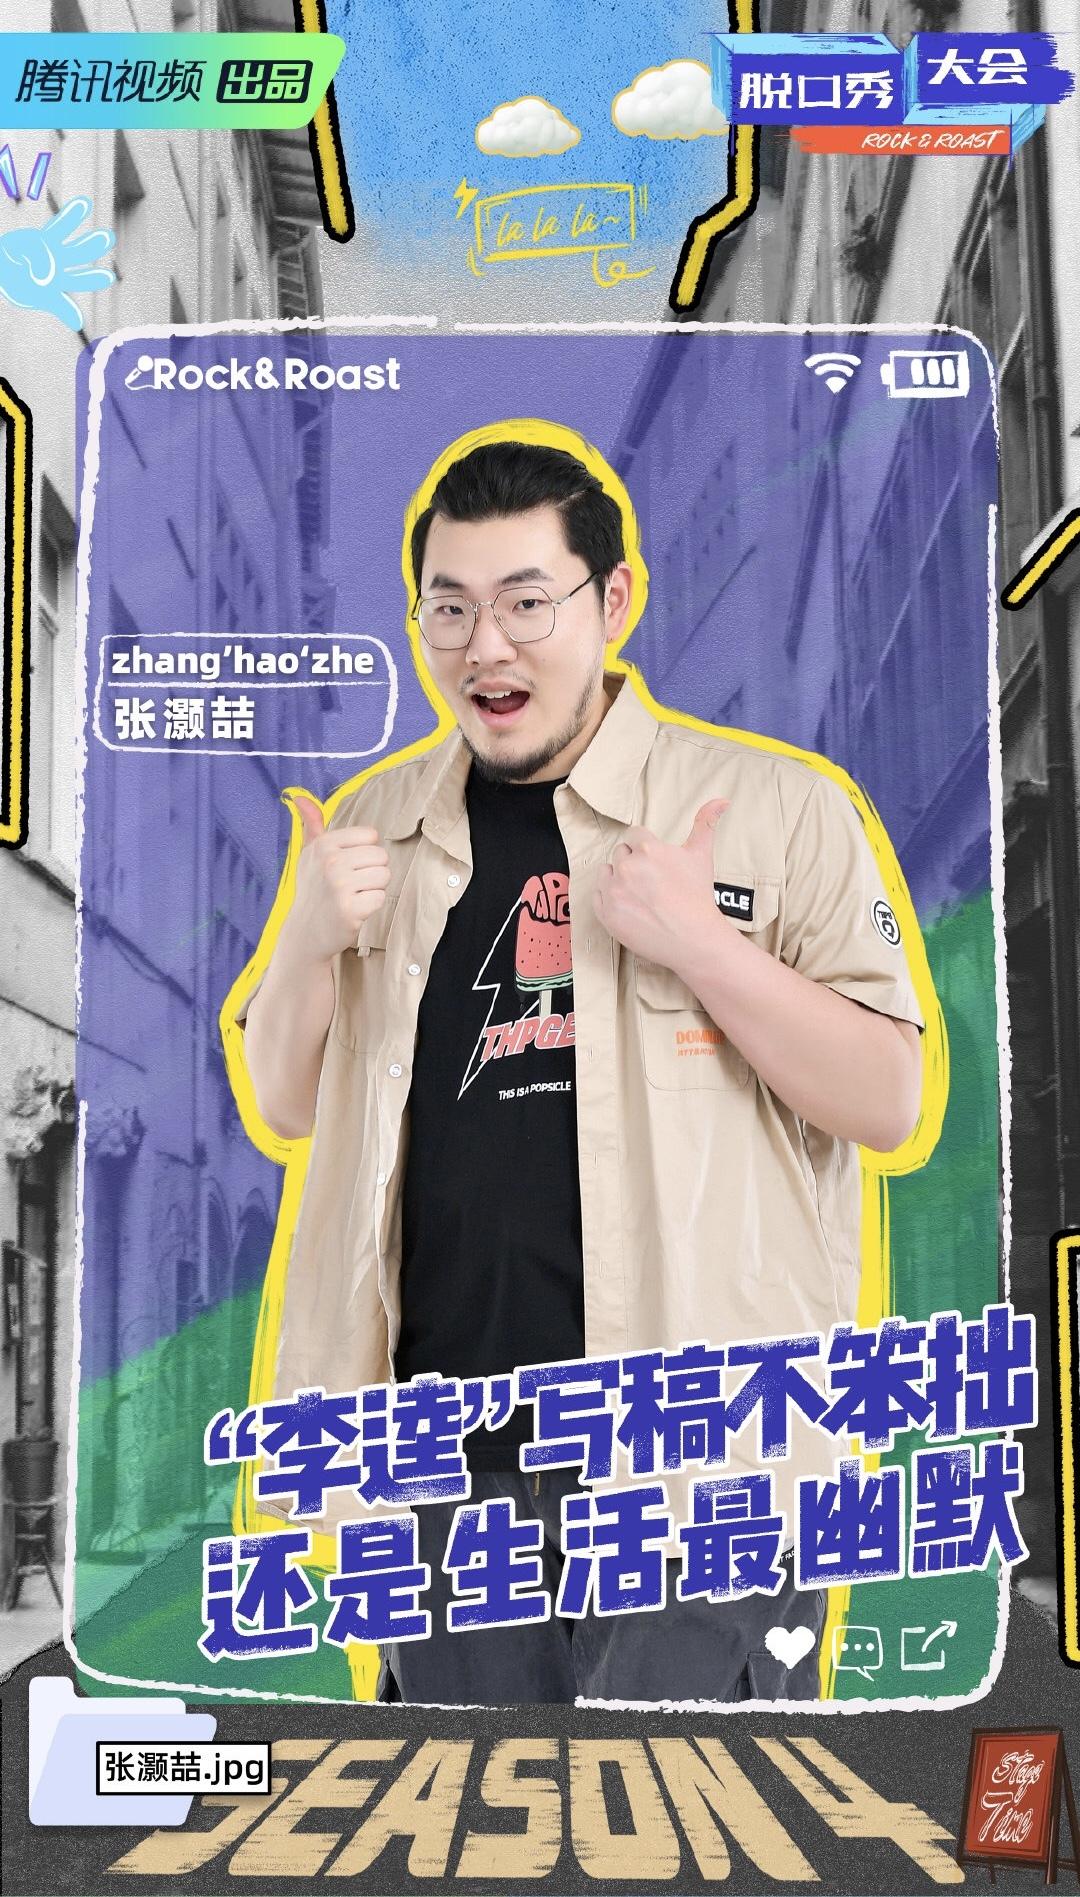 《脱口秀大会4》凤凰网指数万人评分7.5 专家评:四季了还是笑果内部年会